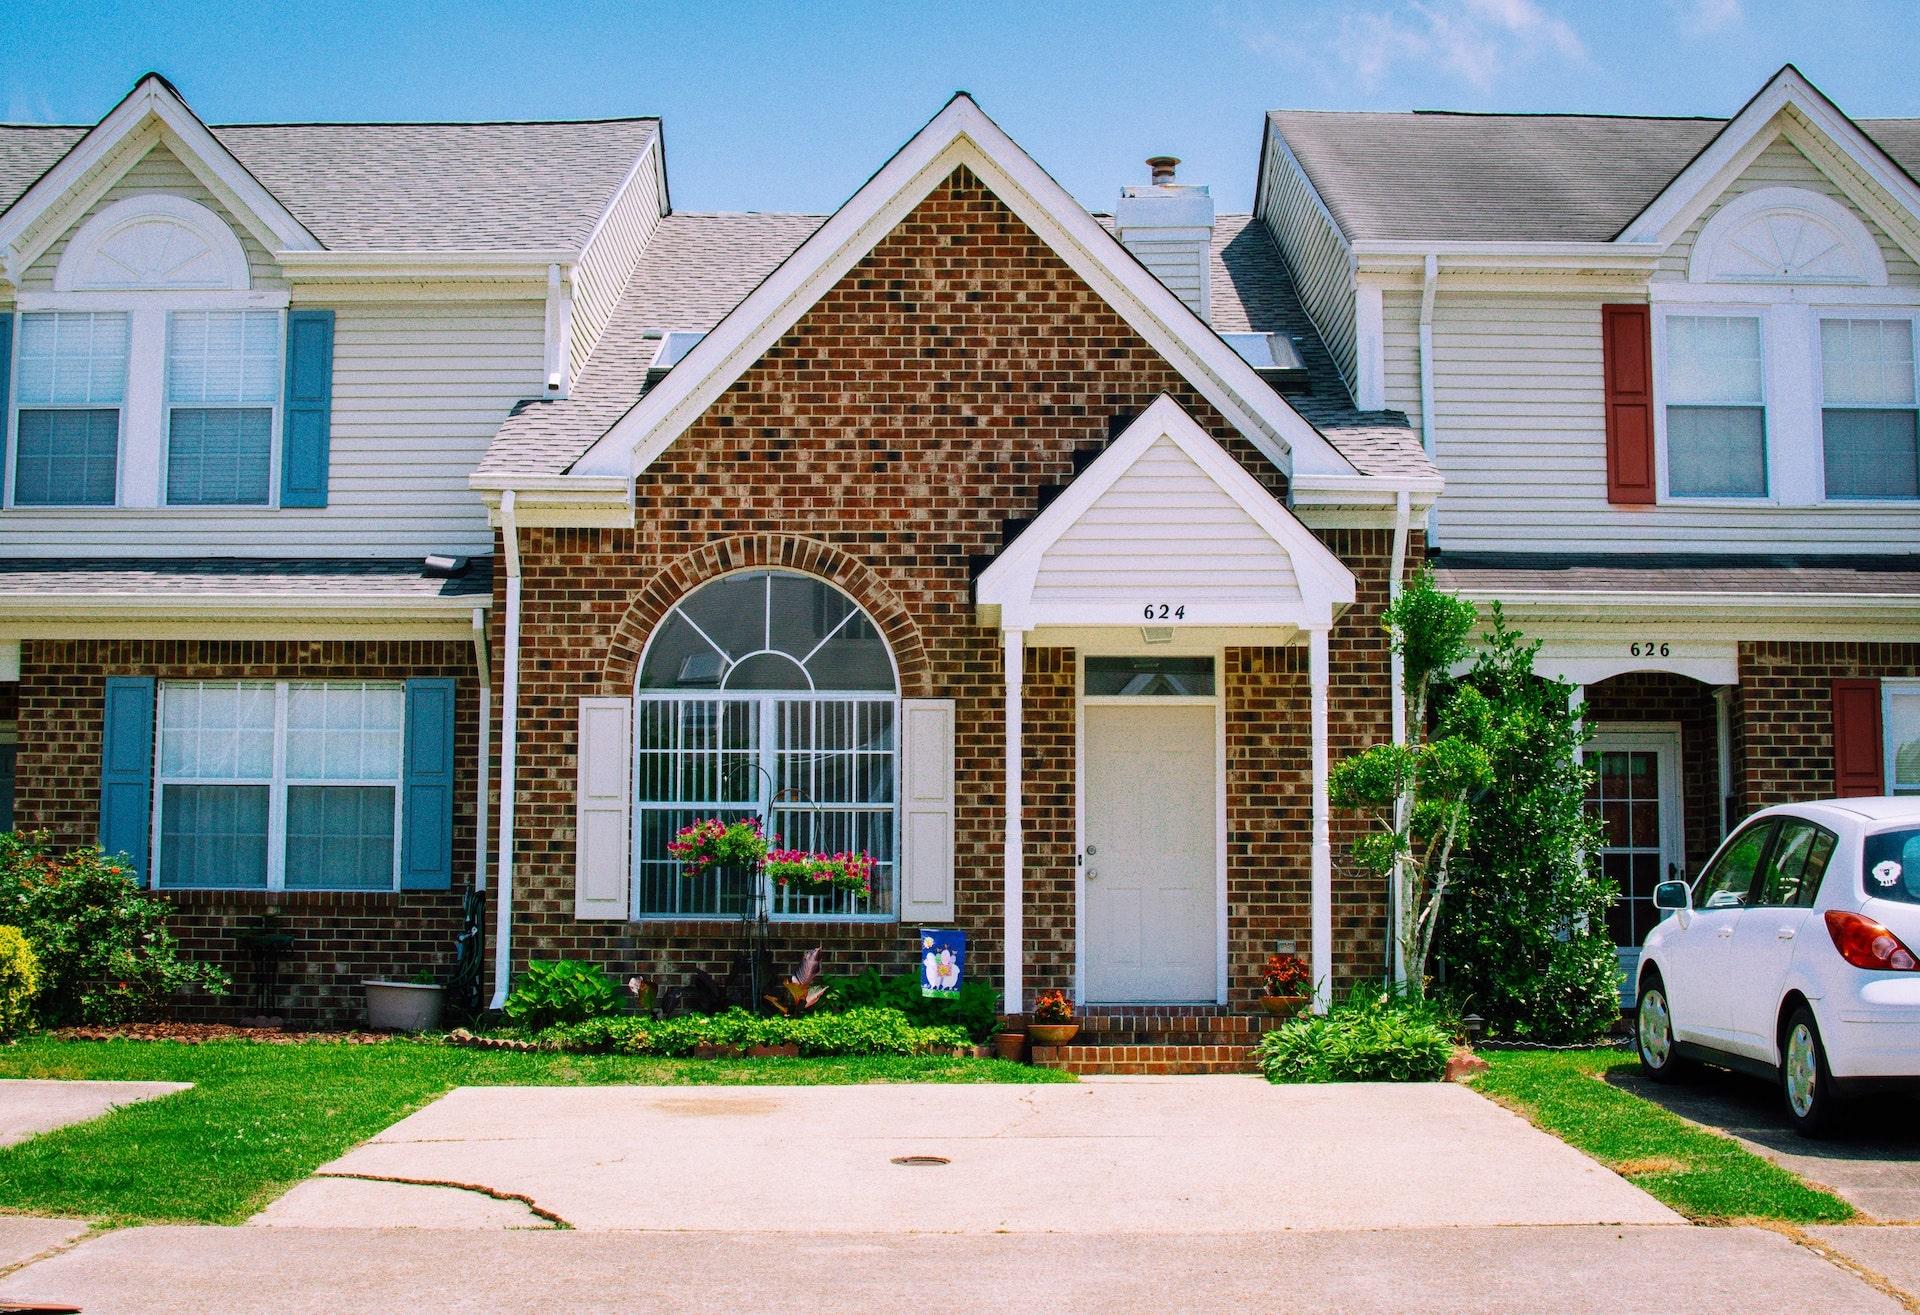 Brick semi-detached home